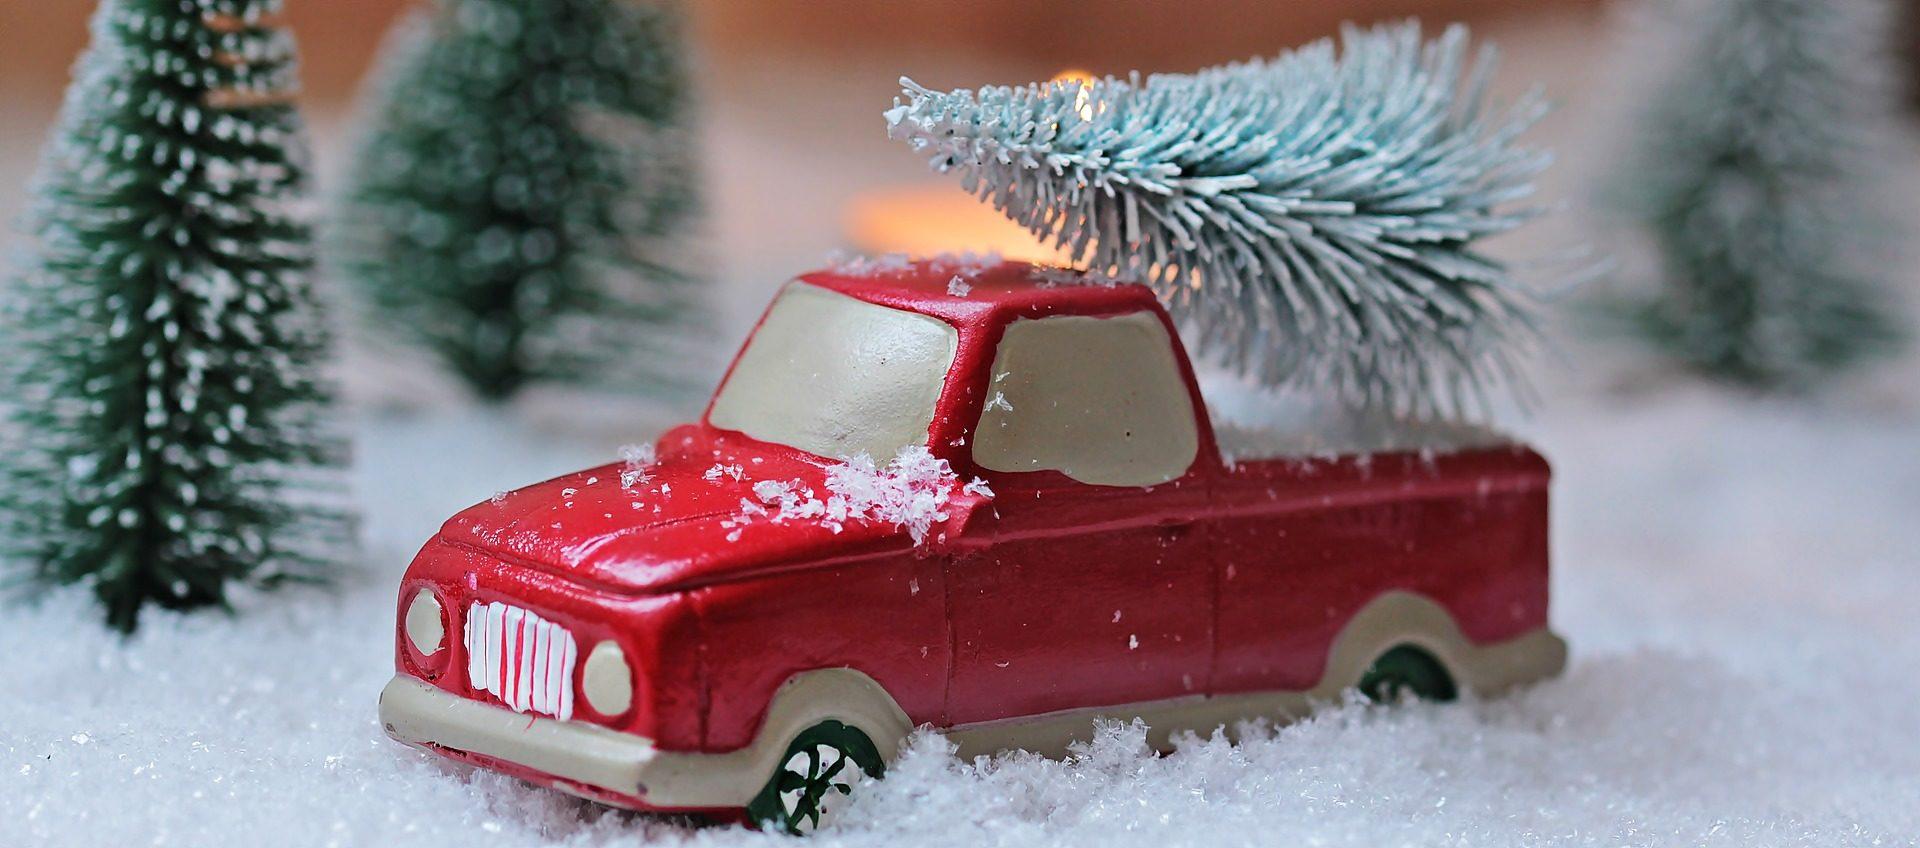 Brinquedo, carro, Van, abeto, neve, Natal - Papéis de parede HD - Professor-falken.com